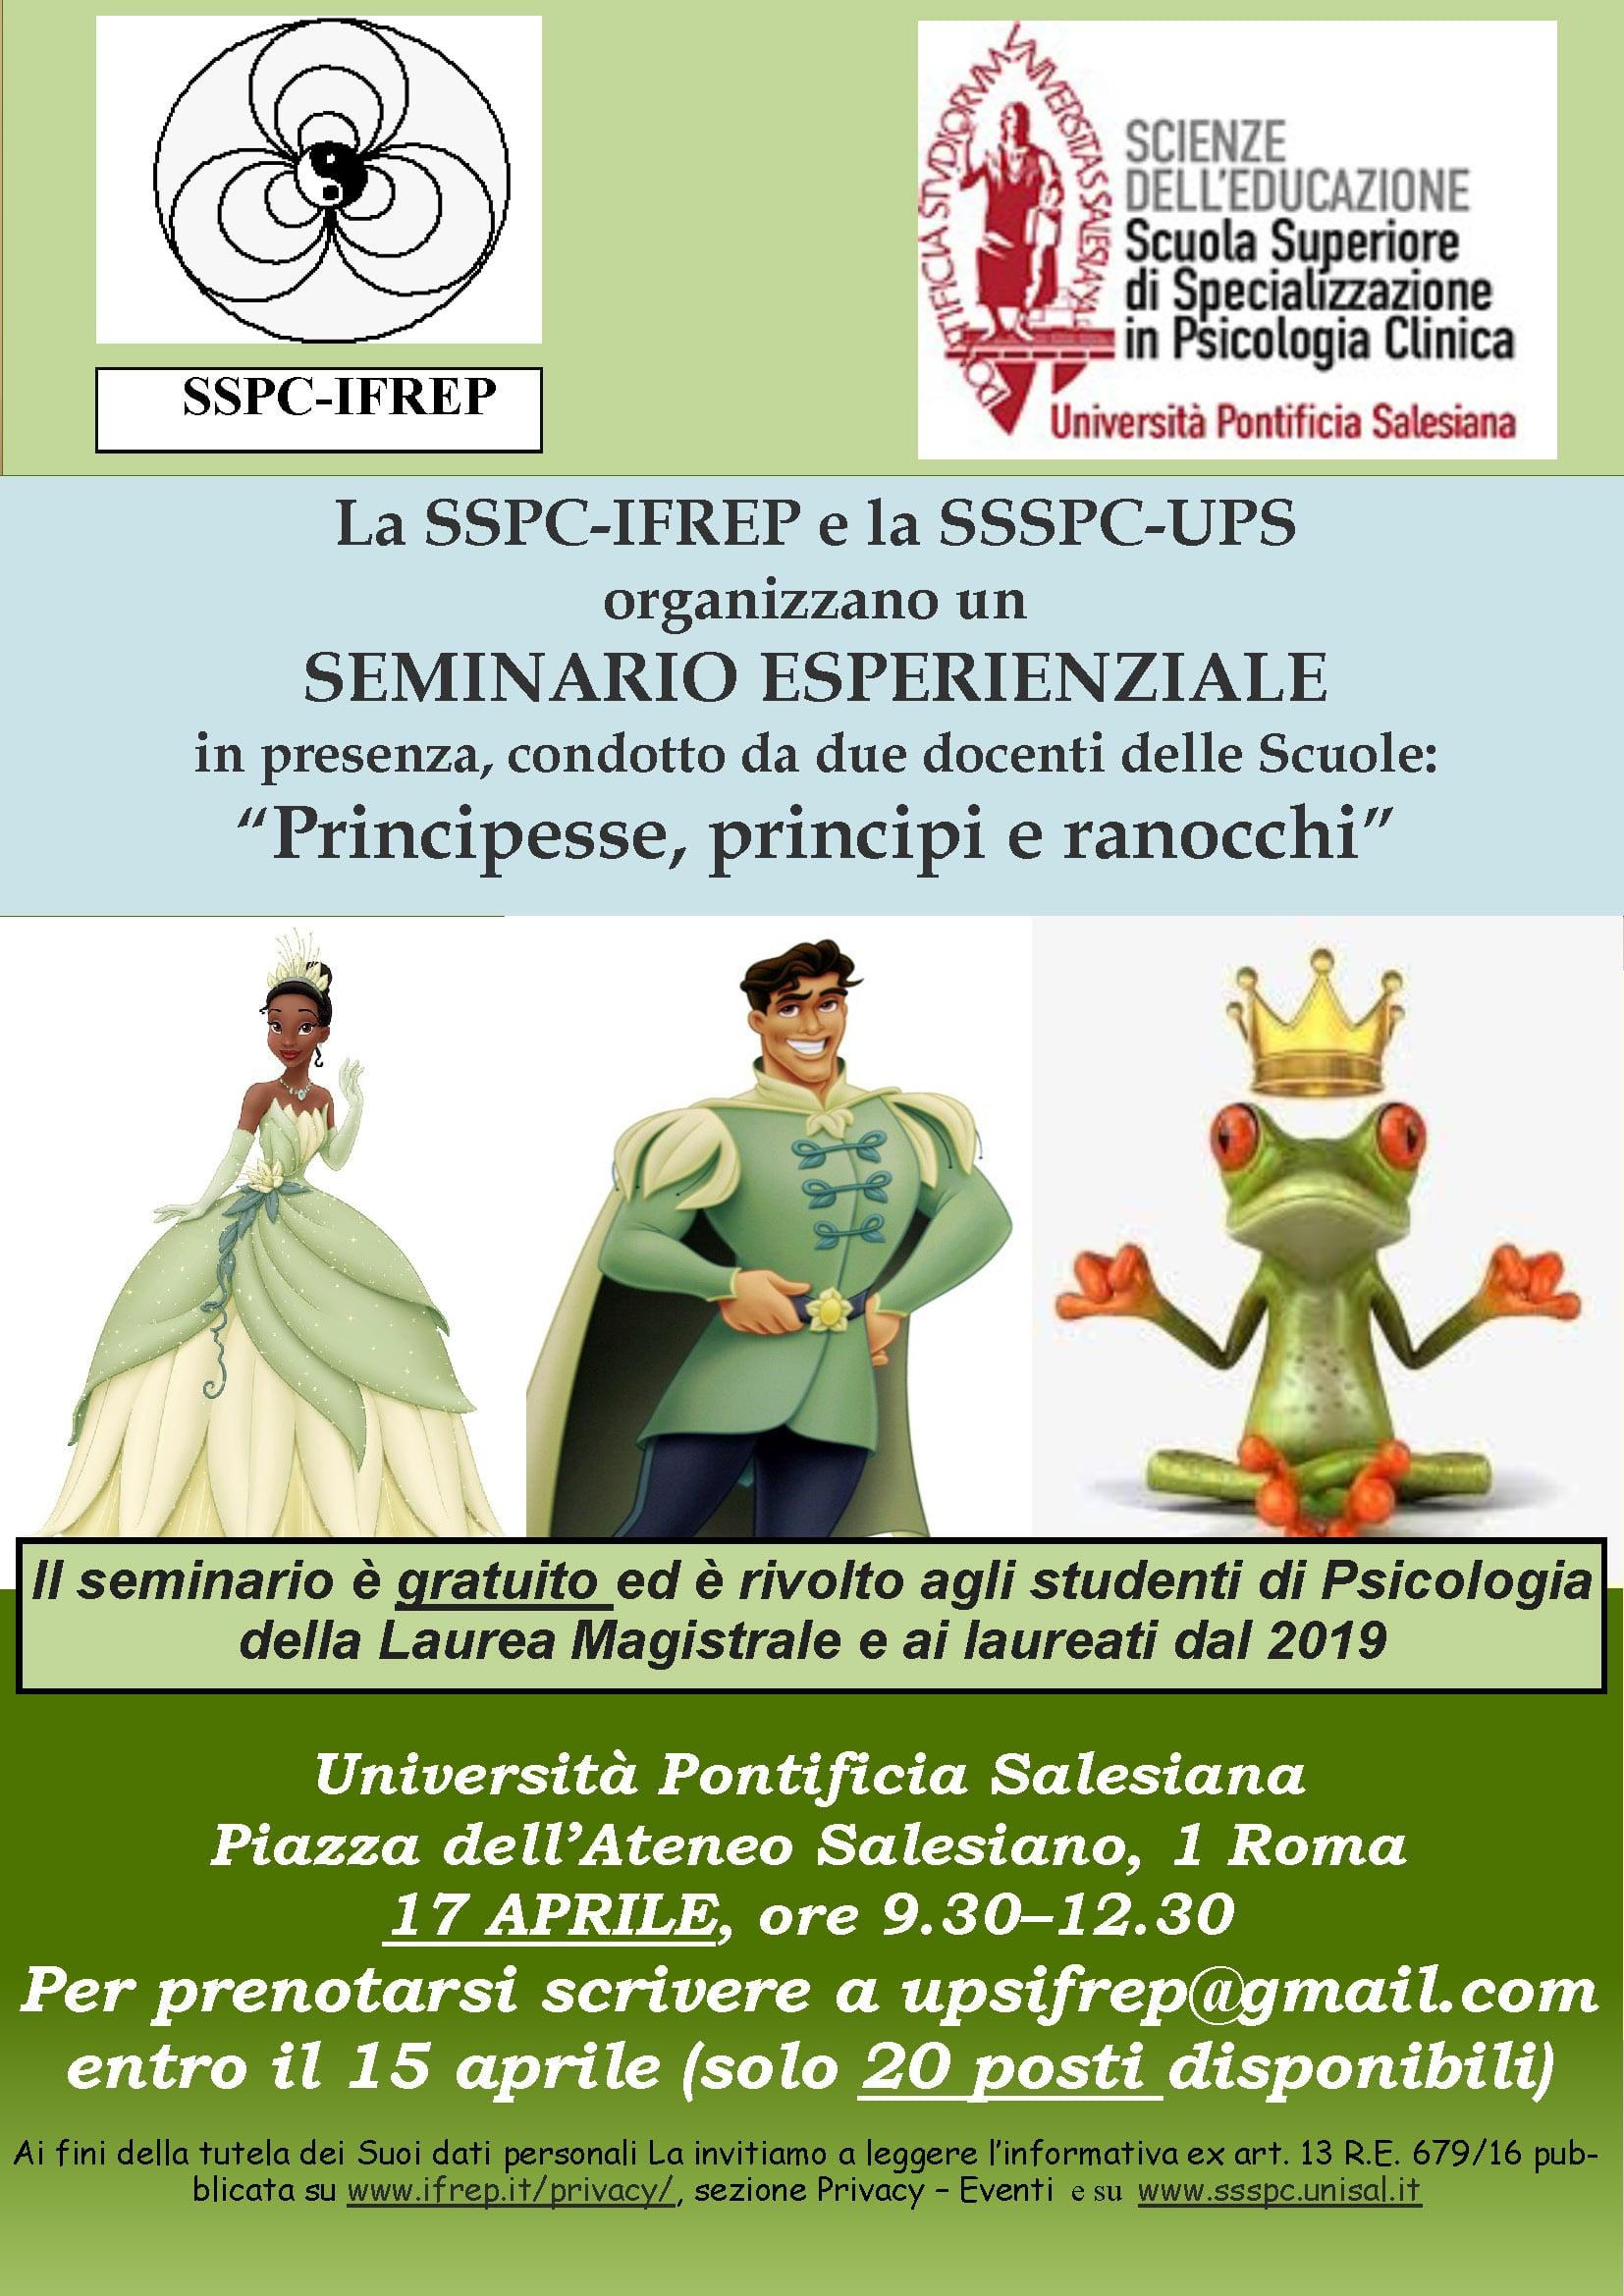 Principesse, principi e ranocchi – Seminario Esperienziale, 17 Aprile 2021